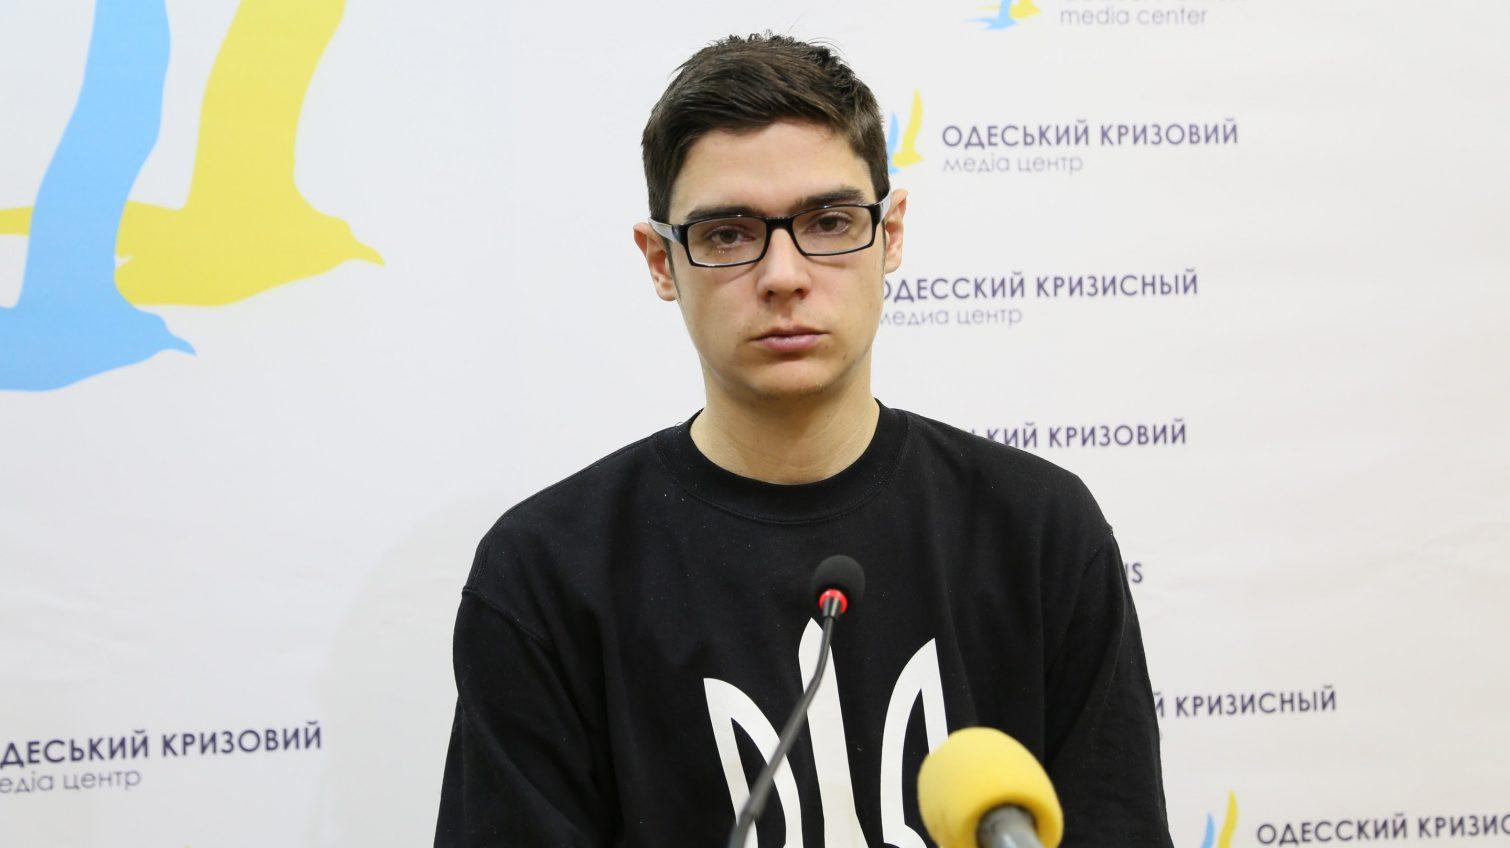 Дело Устименко: апелляционный суд отправил подозреваемого «азовца» в СИЗО, но пострадавший не считает его виновным «фото»